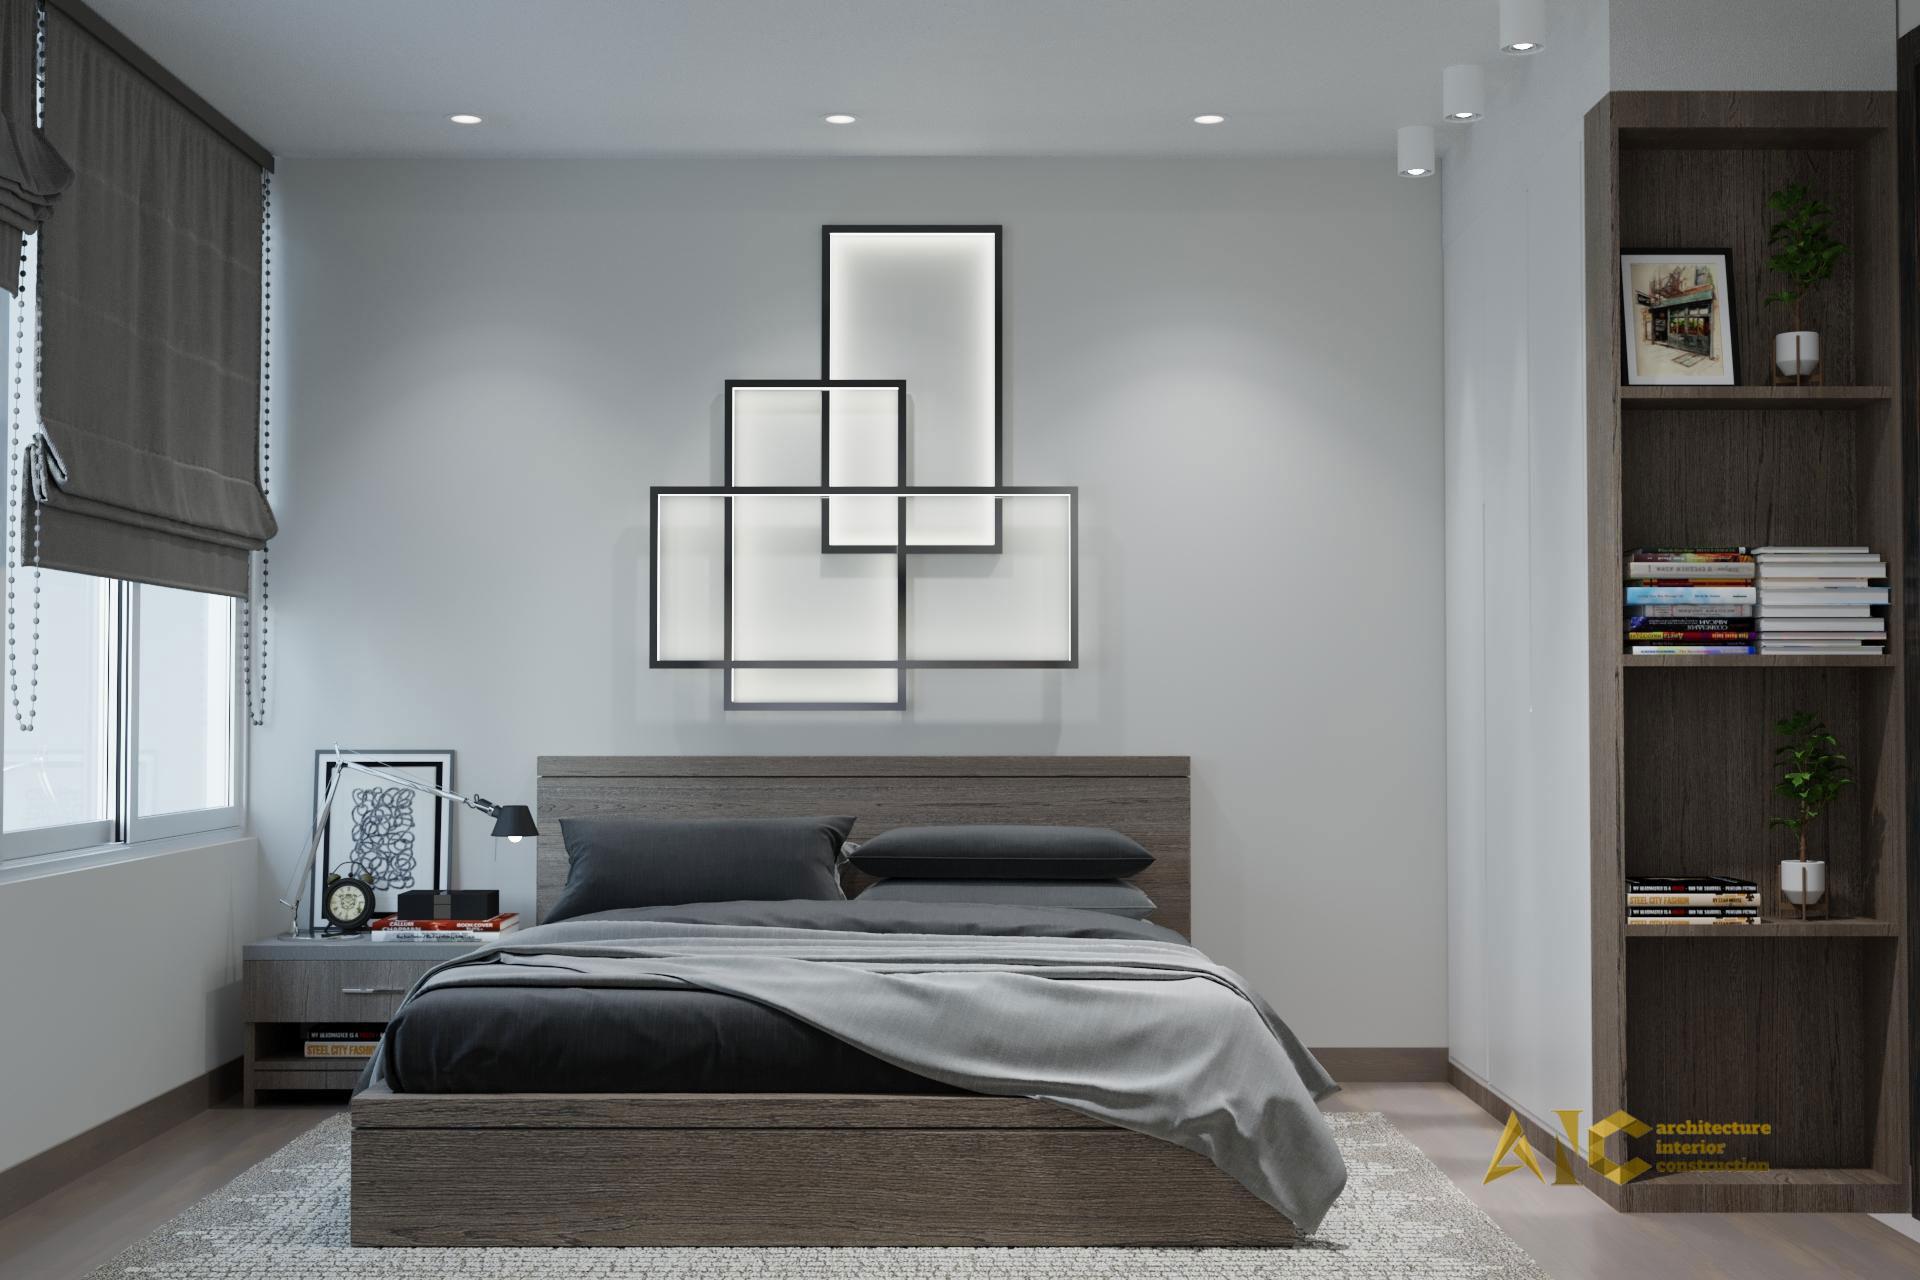 thiết kế và thi công nội thất căn hộ chú Chương - Golden Mansion view 7